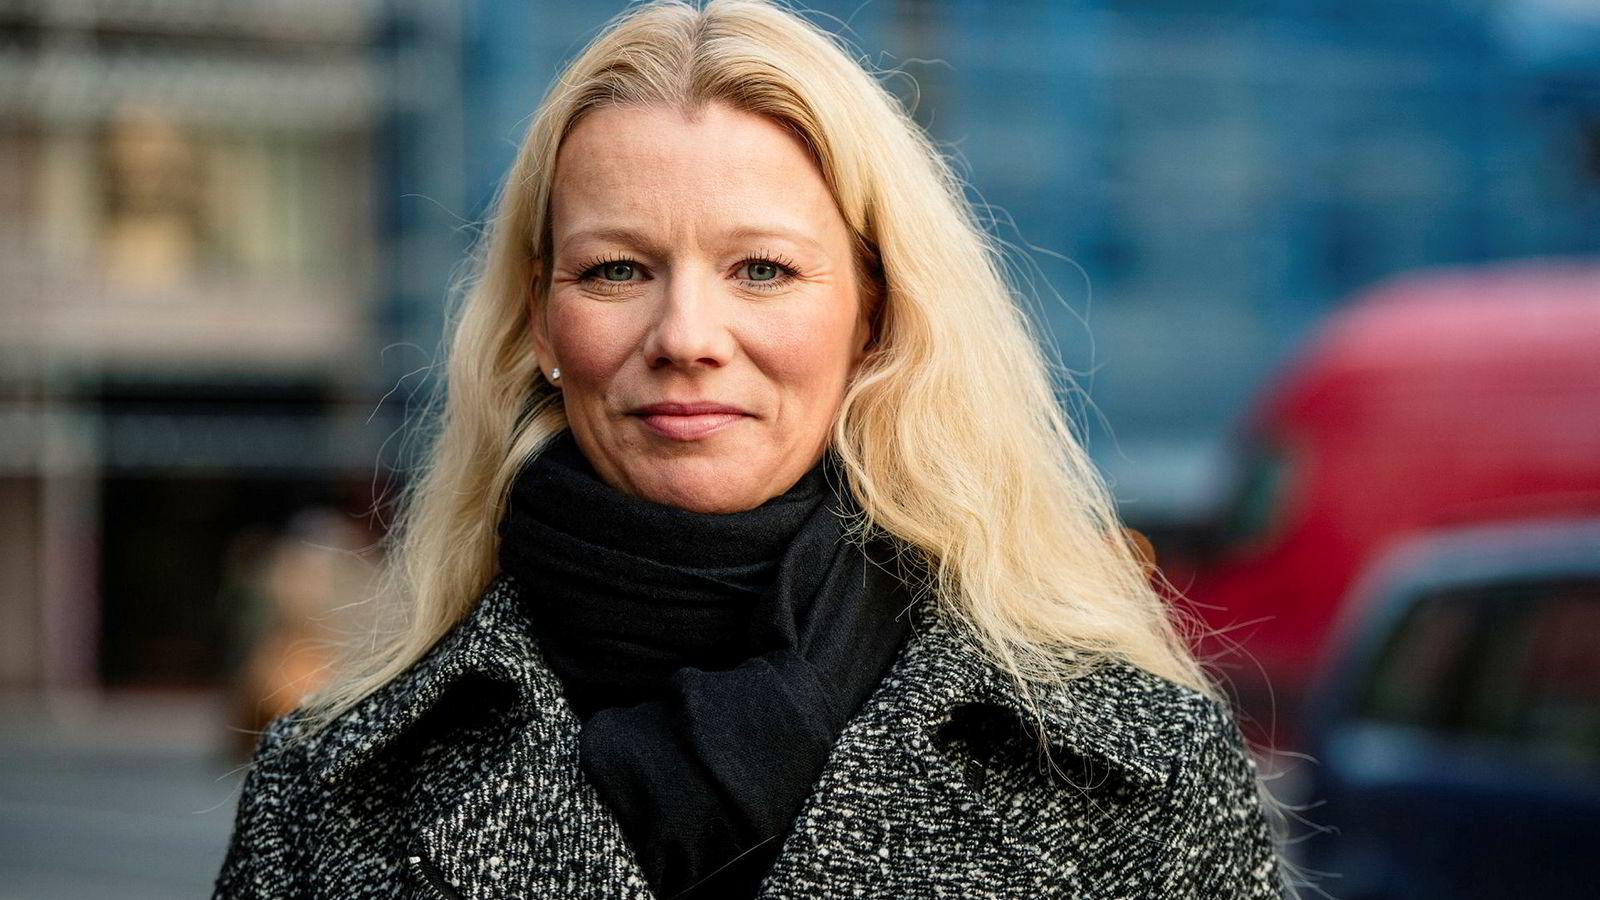 Handelsbankens sjeføkonom Kari Due-Andresen mener Norges Bank kommer med en balansert uttalelse, men at arbeidsledighetstallene kan bli viktige å følge med på fremover.